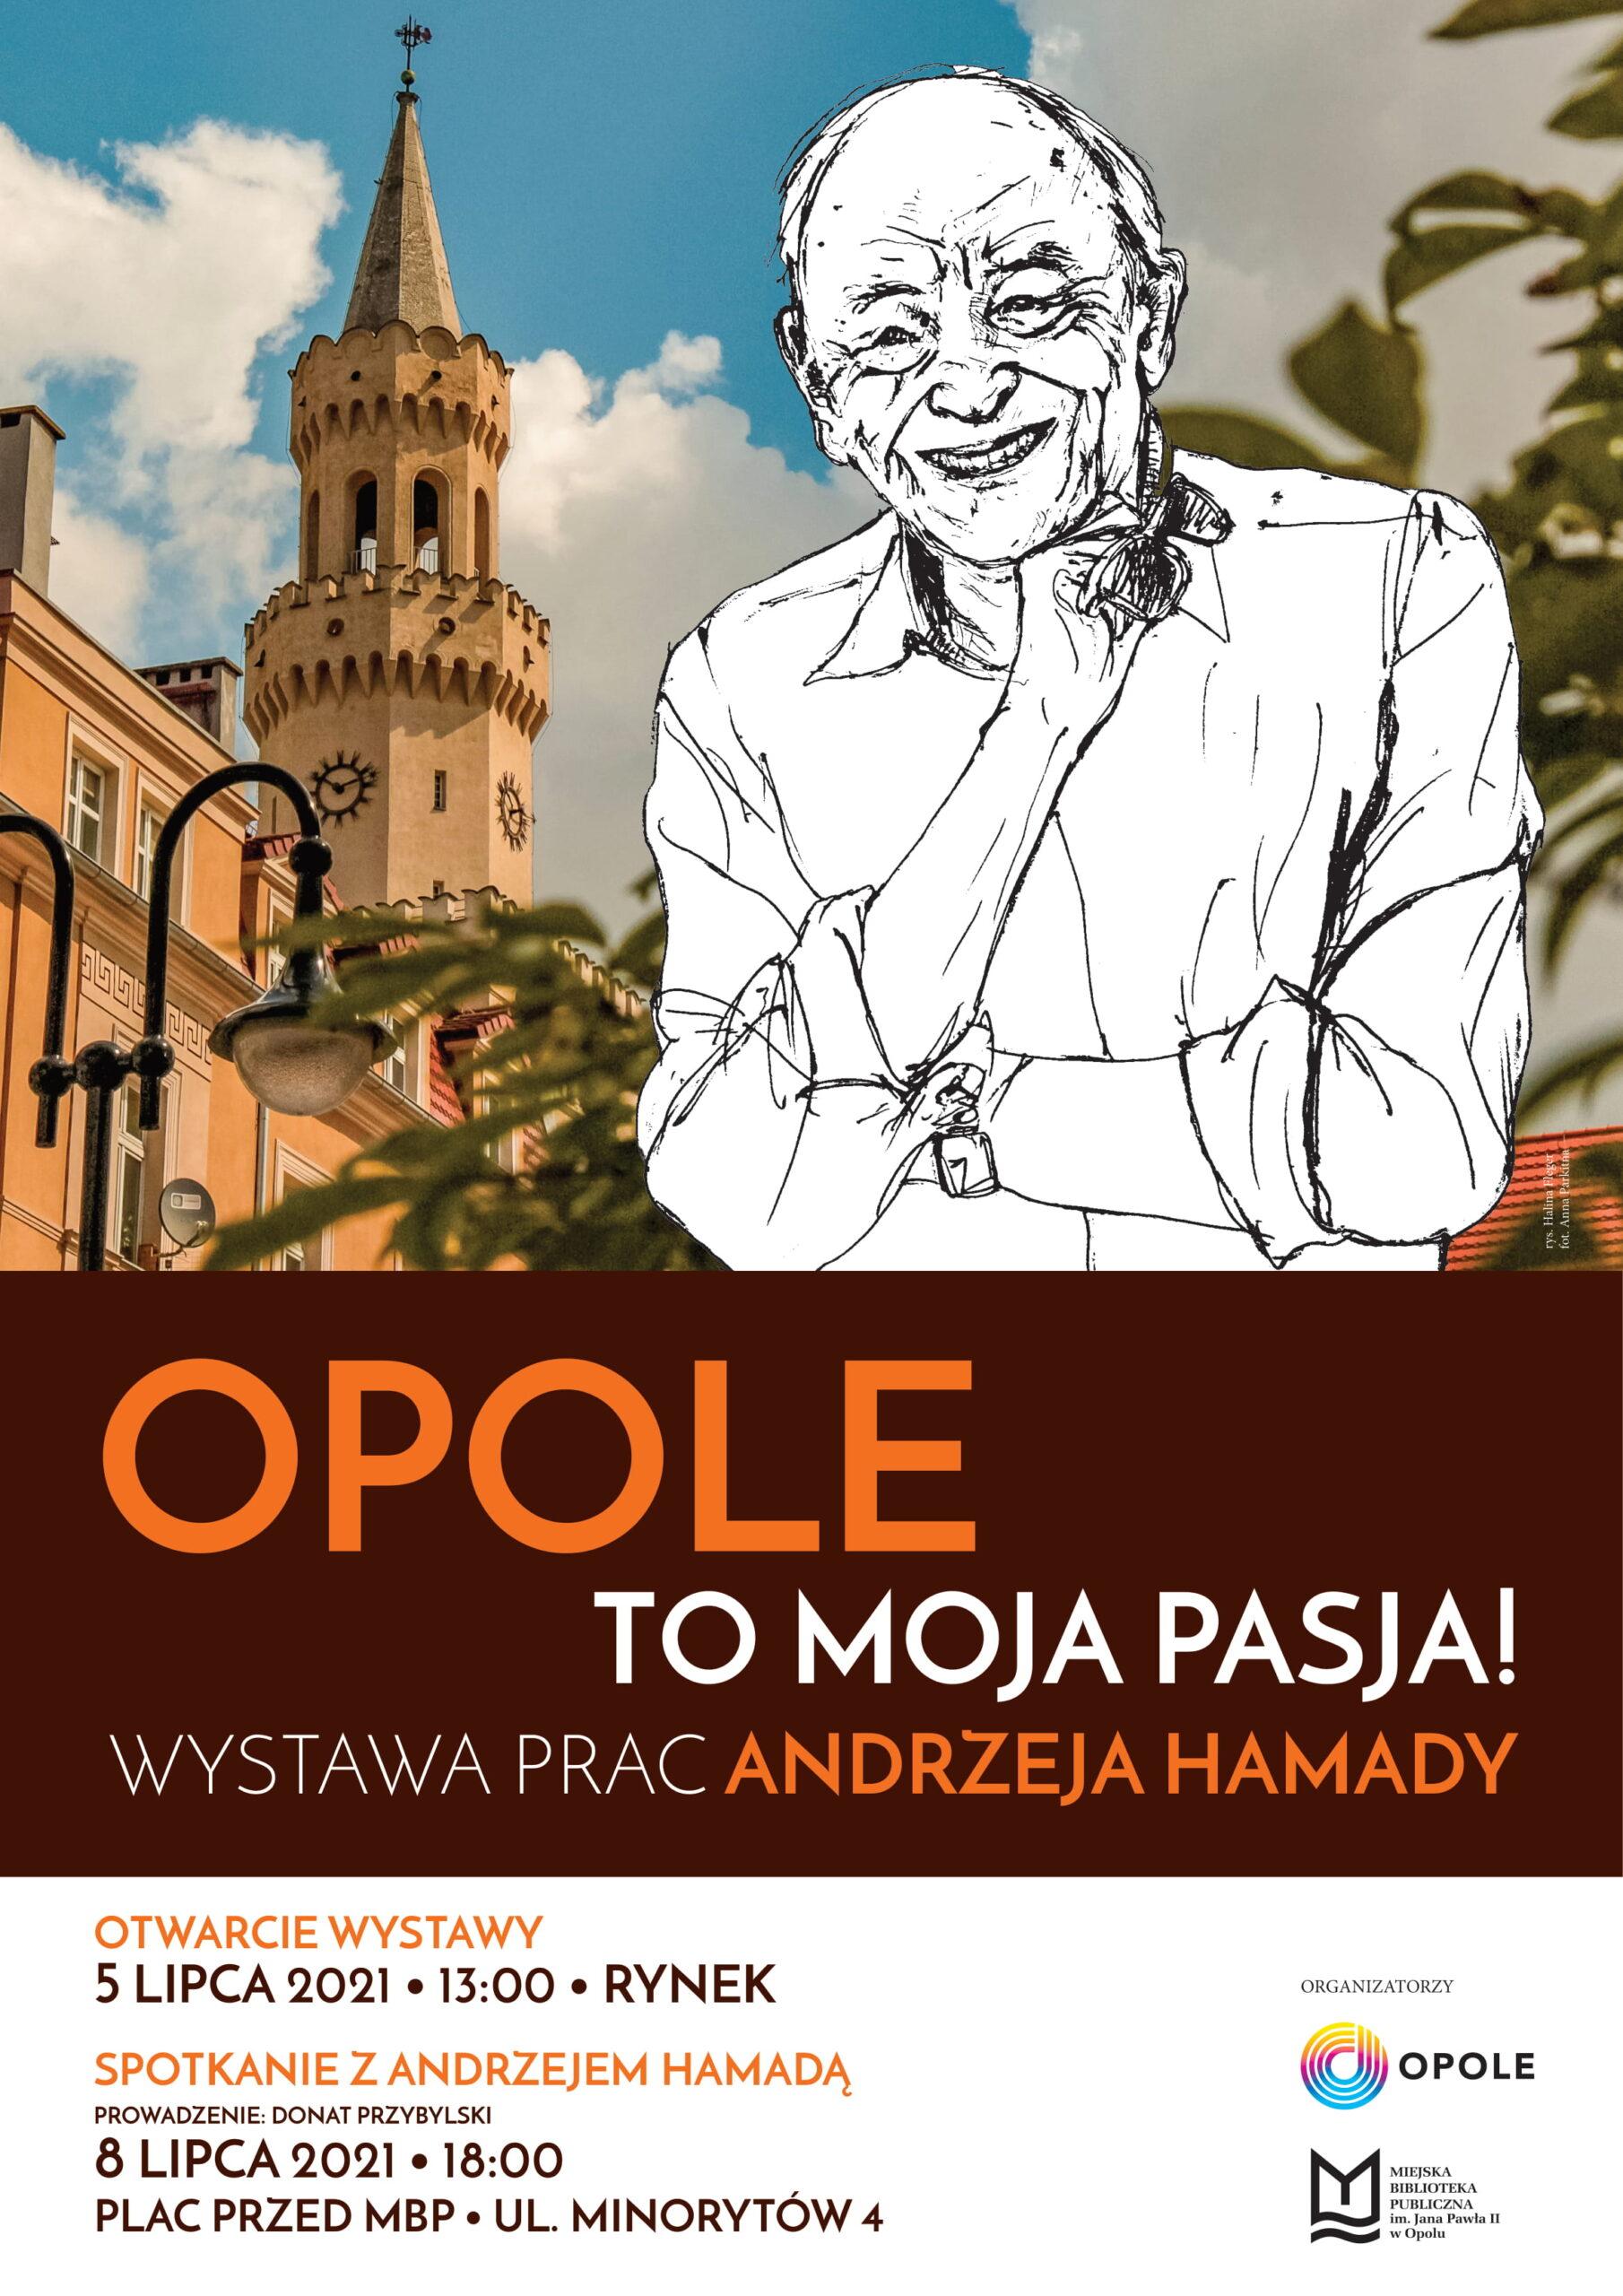 Opole to moja pasja! Wystawa prac i spotkanie z Andrzejem Hamadą